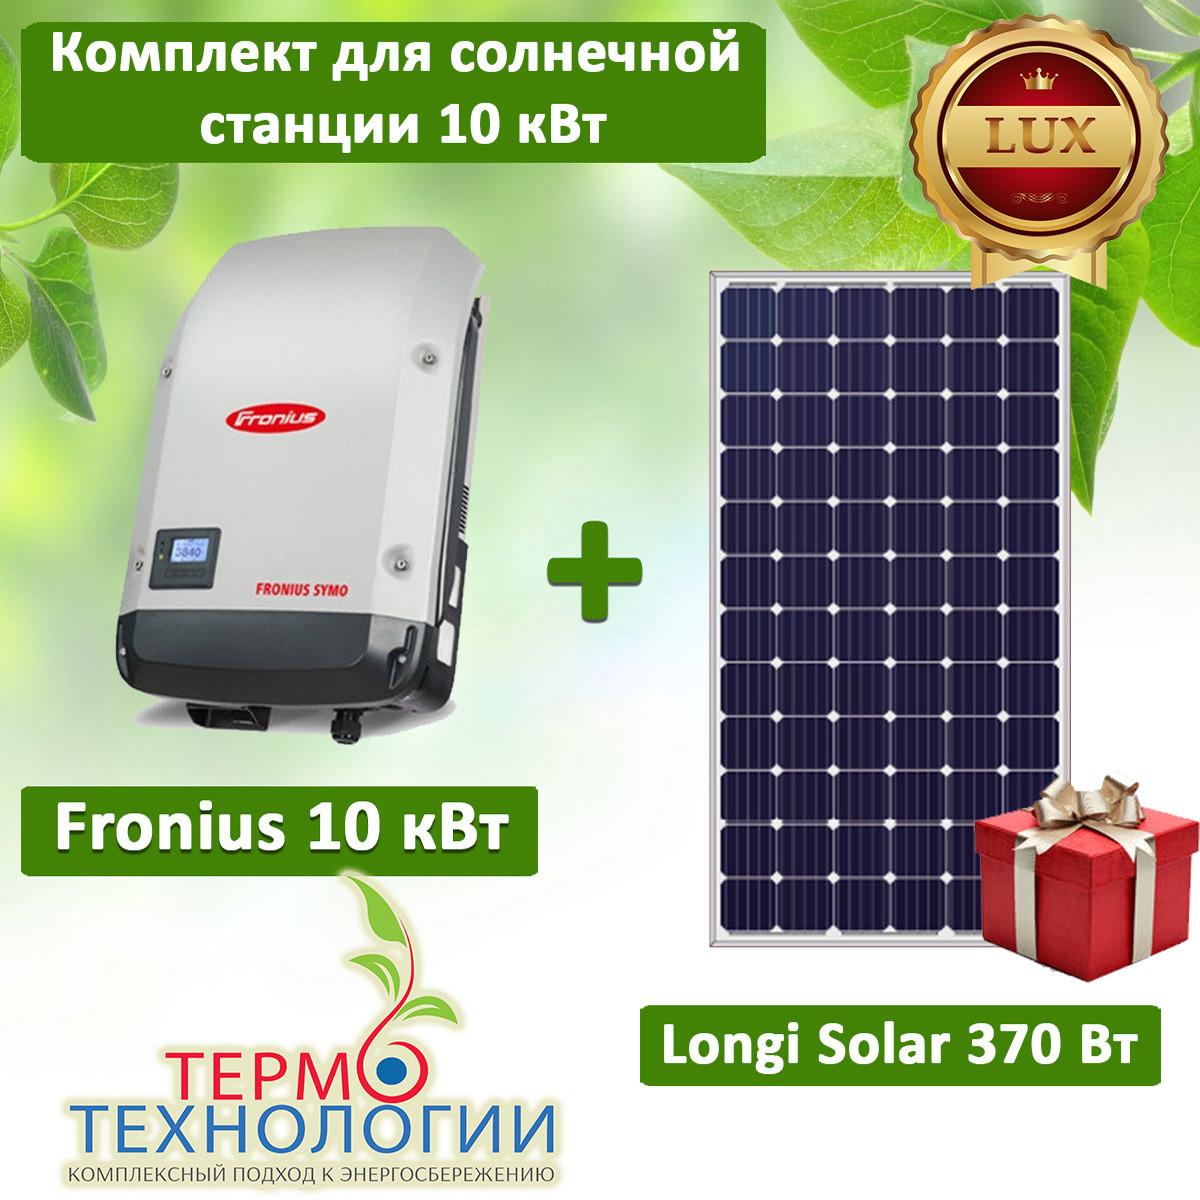 Комплект для сетевой солнечной станции 10 кВт LONGI Solar 370 Вт и Fronius 10 кВт